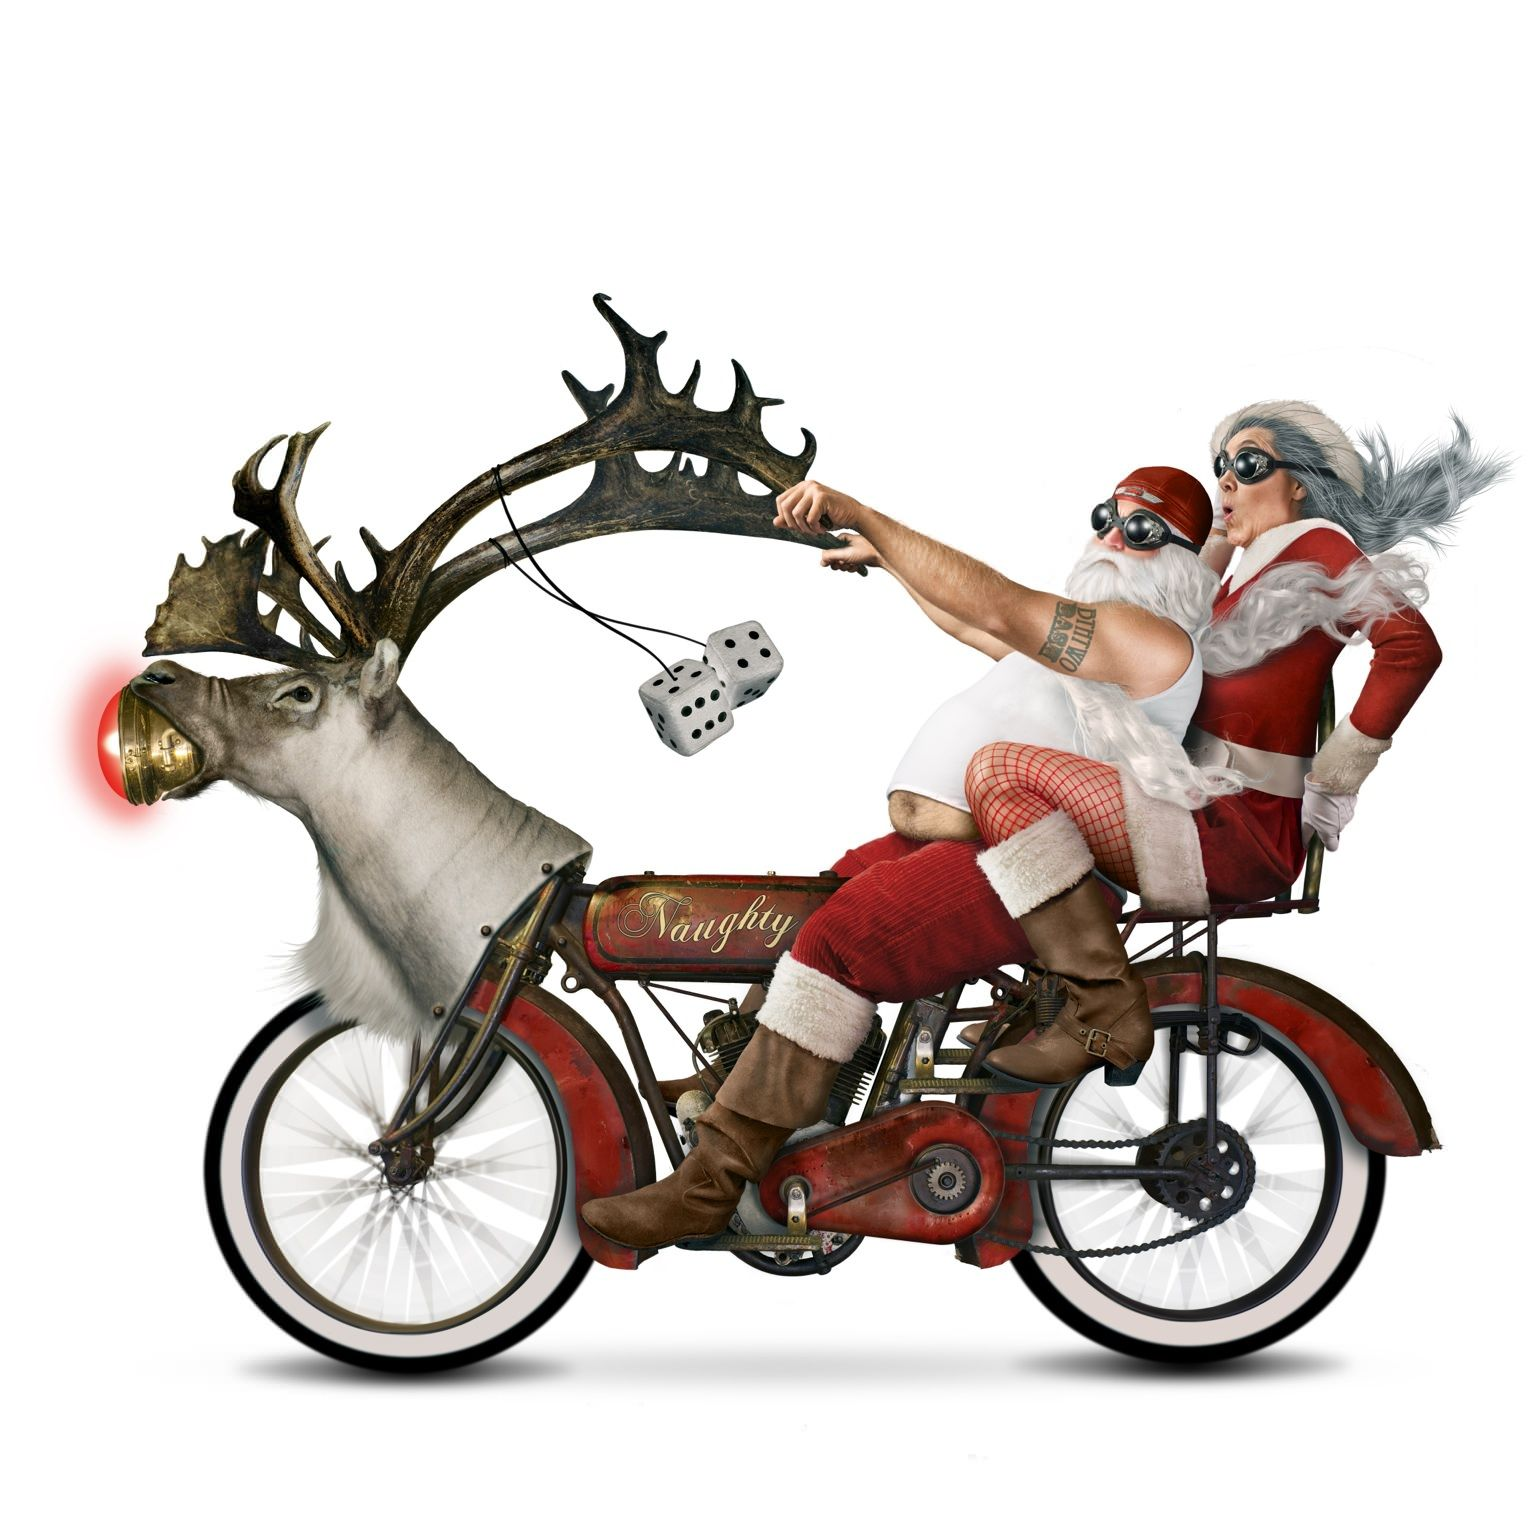 Bicycle clipart christmas. Santa bad pinterest